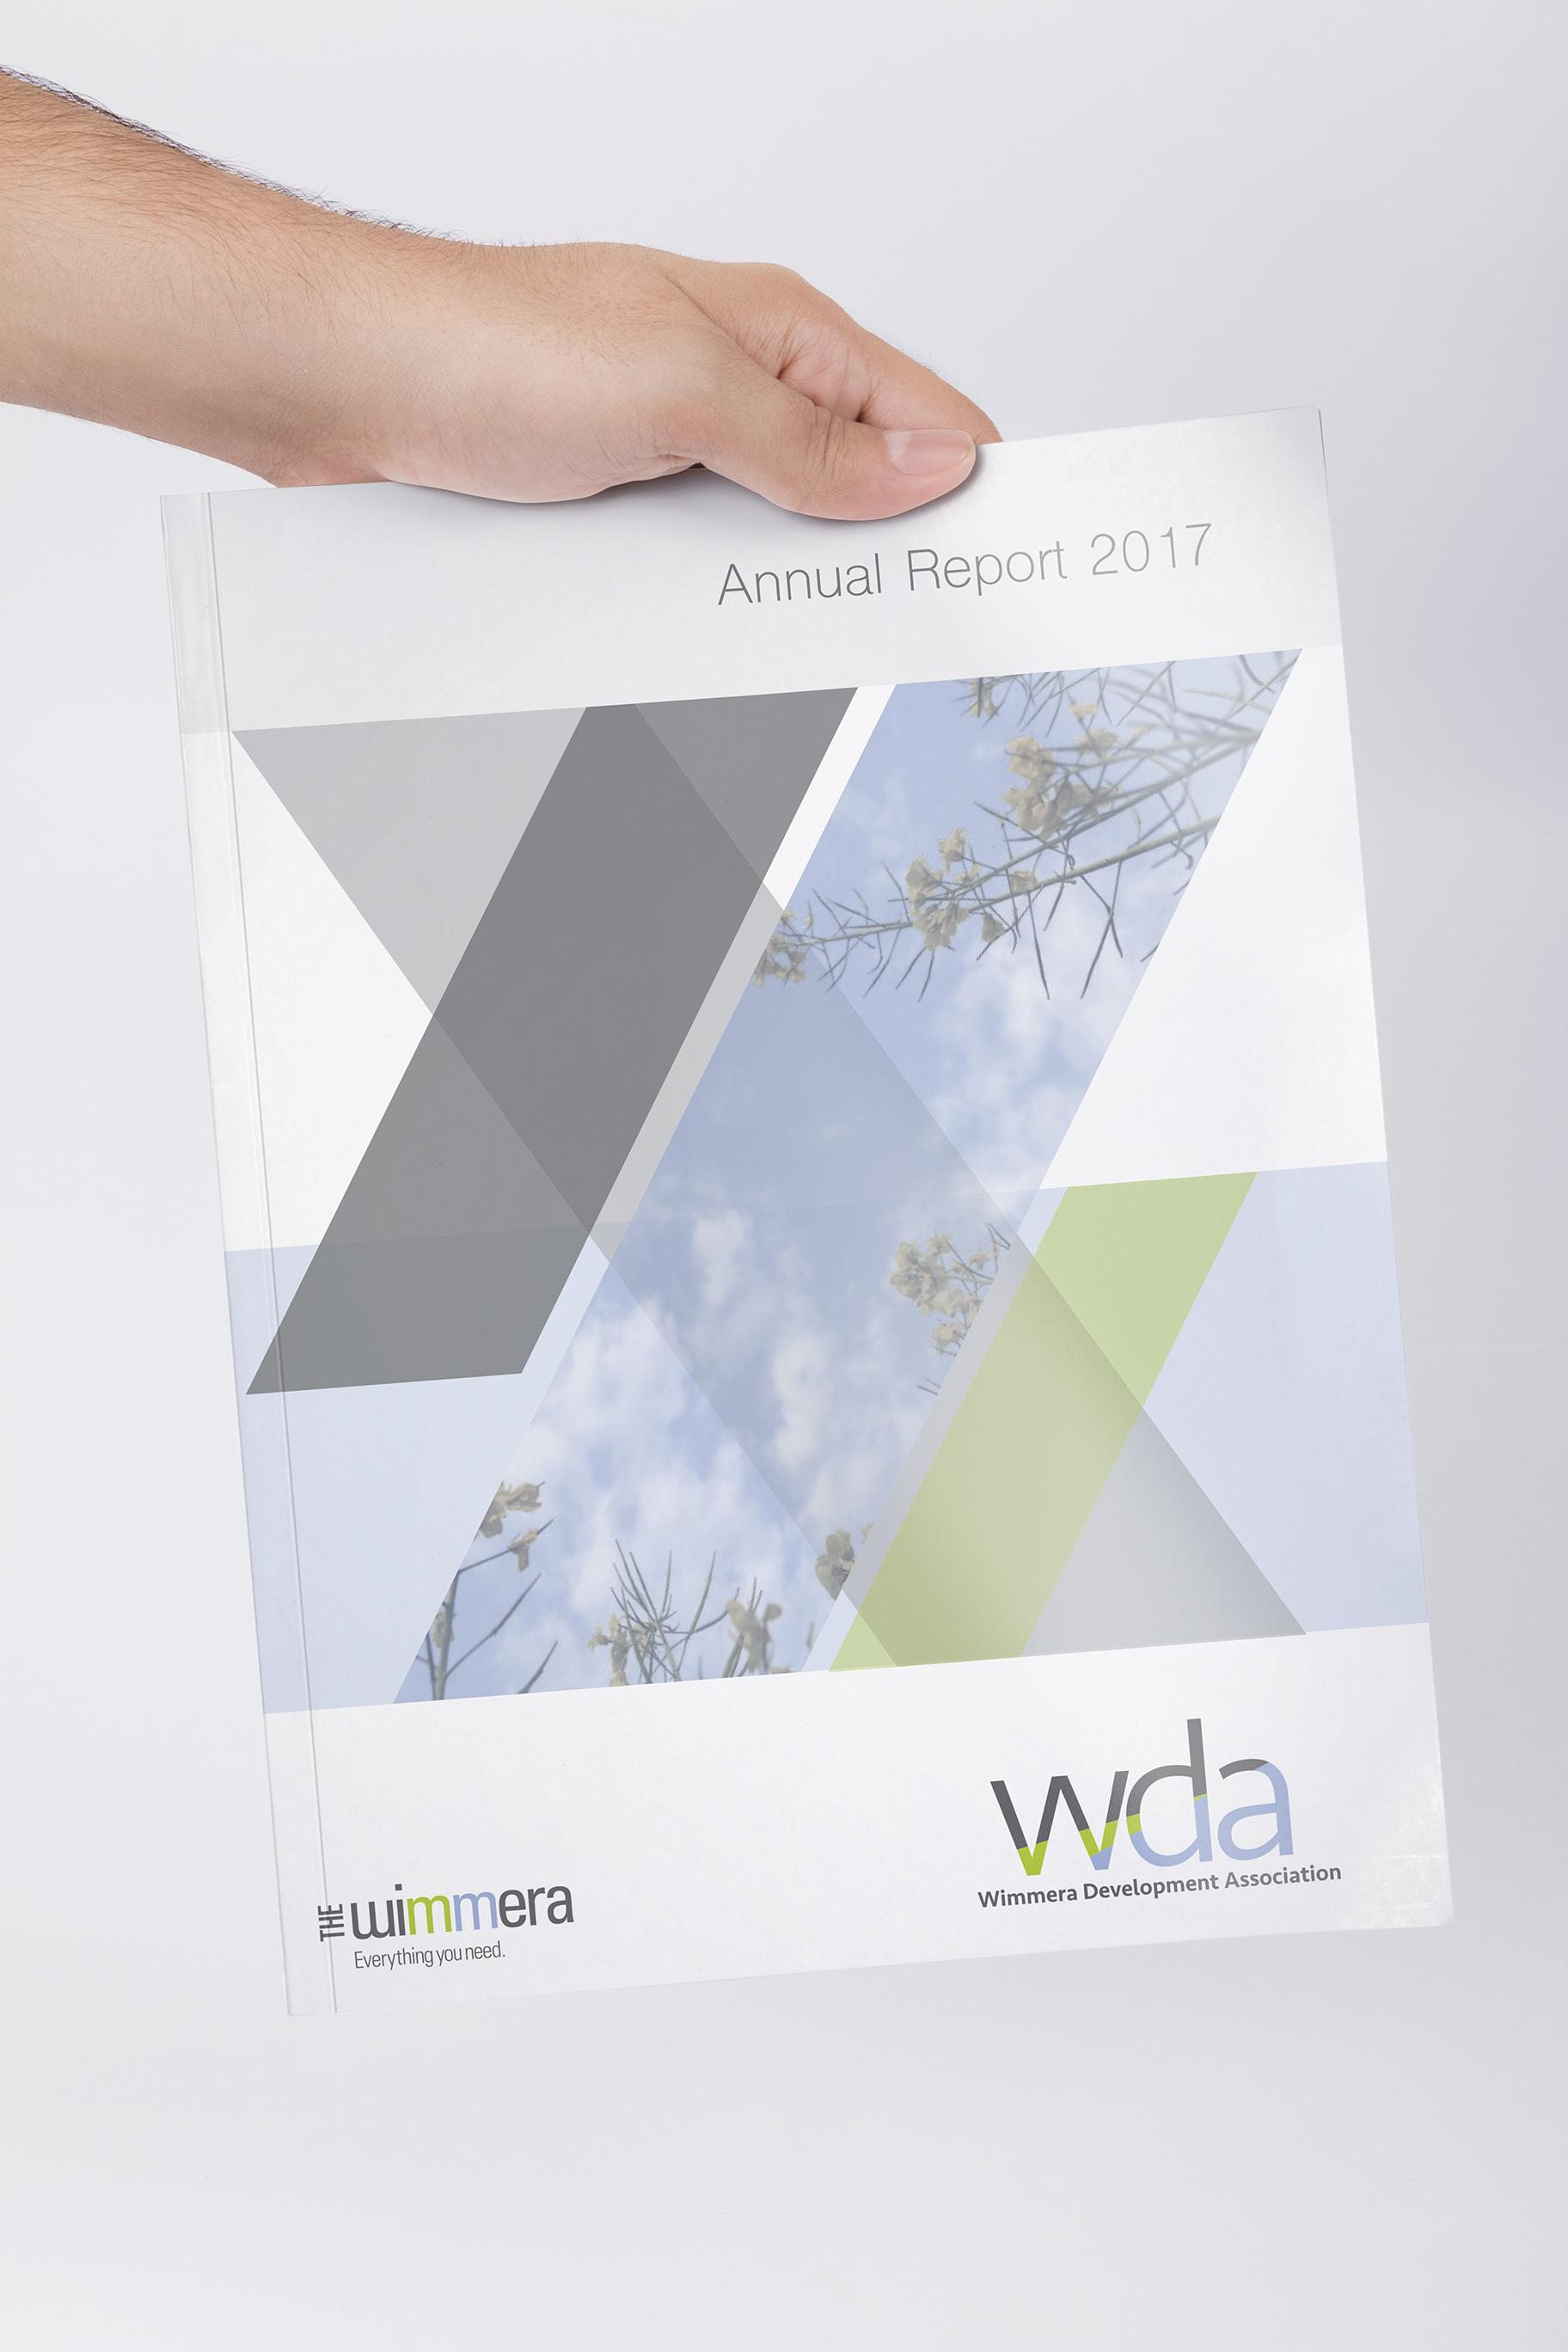 sbprint WDAAR002